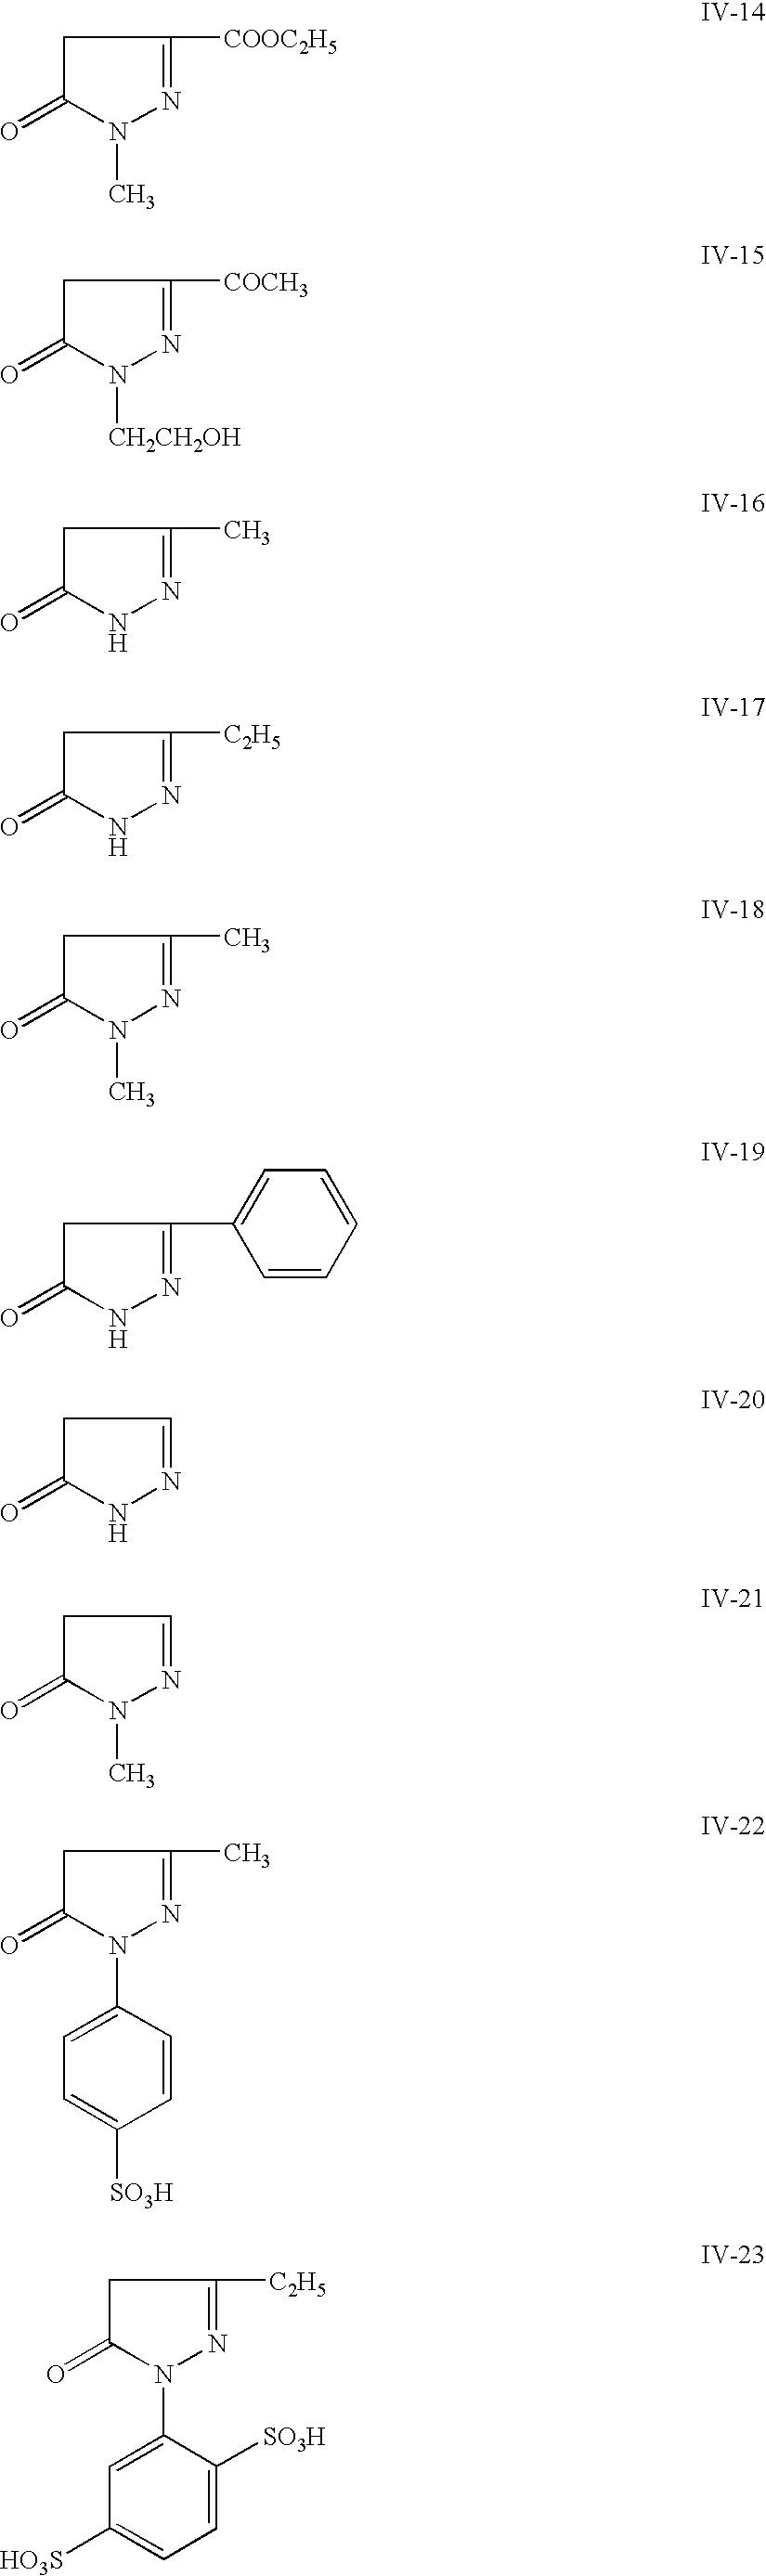 Figure US06495225-20021217-C00009